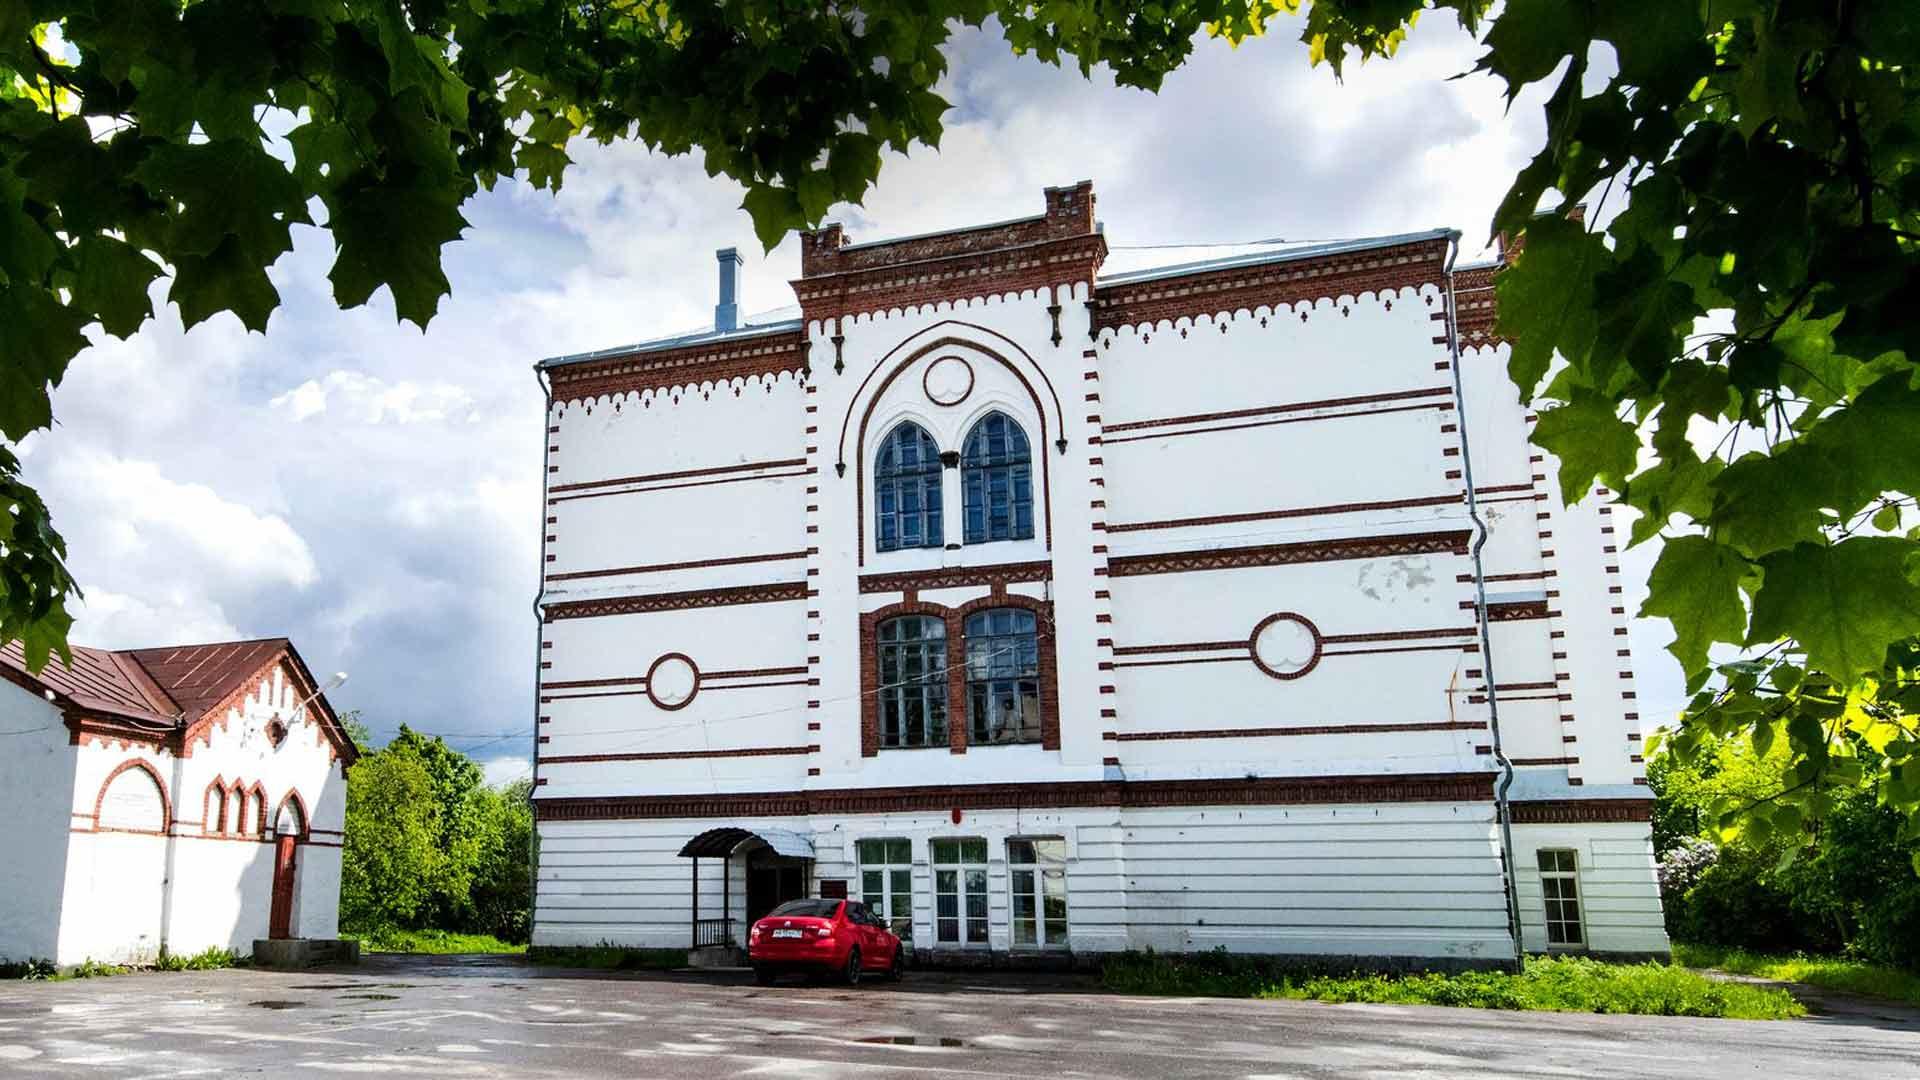 Nykyisen kaupunginjohtajan aikana Sortavalan kuuluisia puistoja on alettu remontoida, ja katukuvaa kohentaa muutenkin.